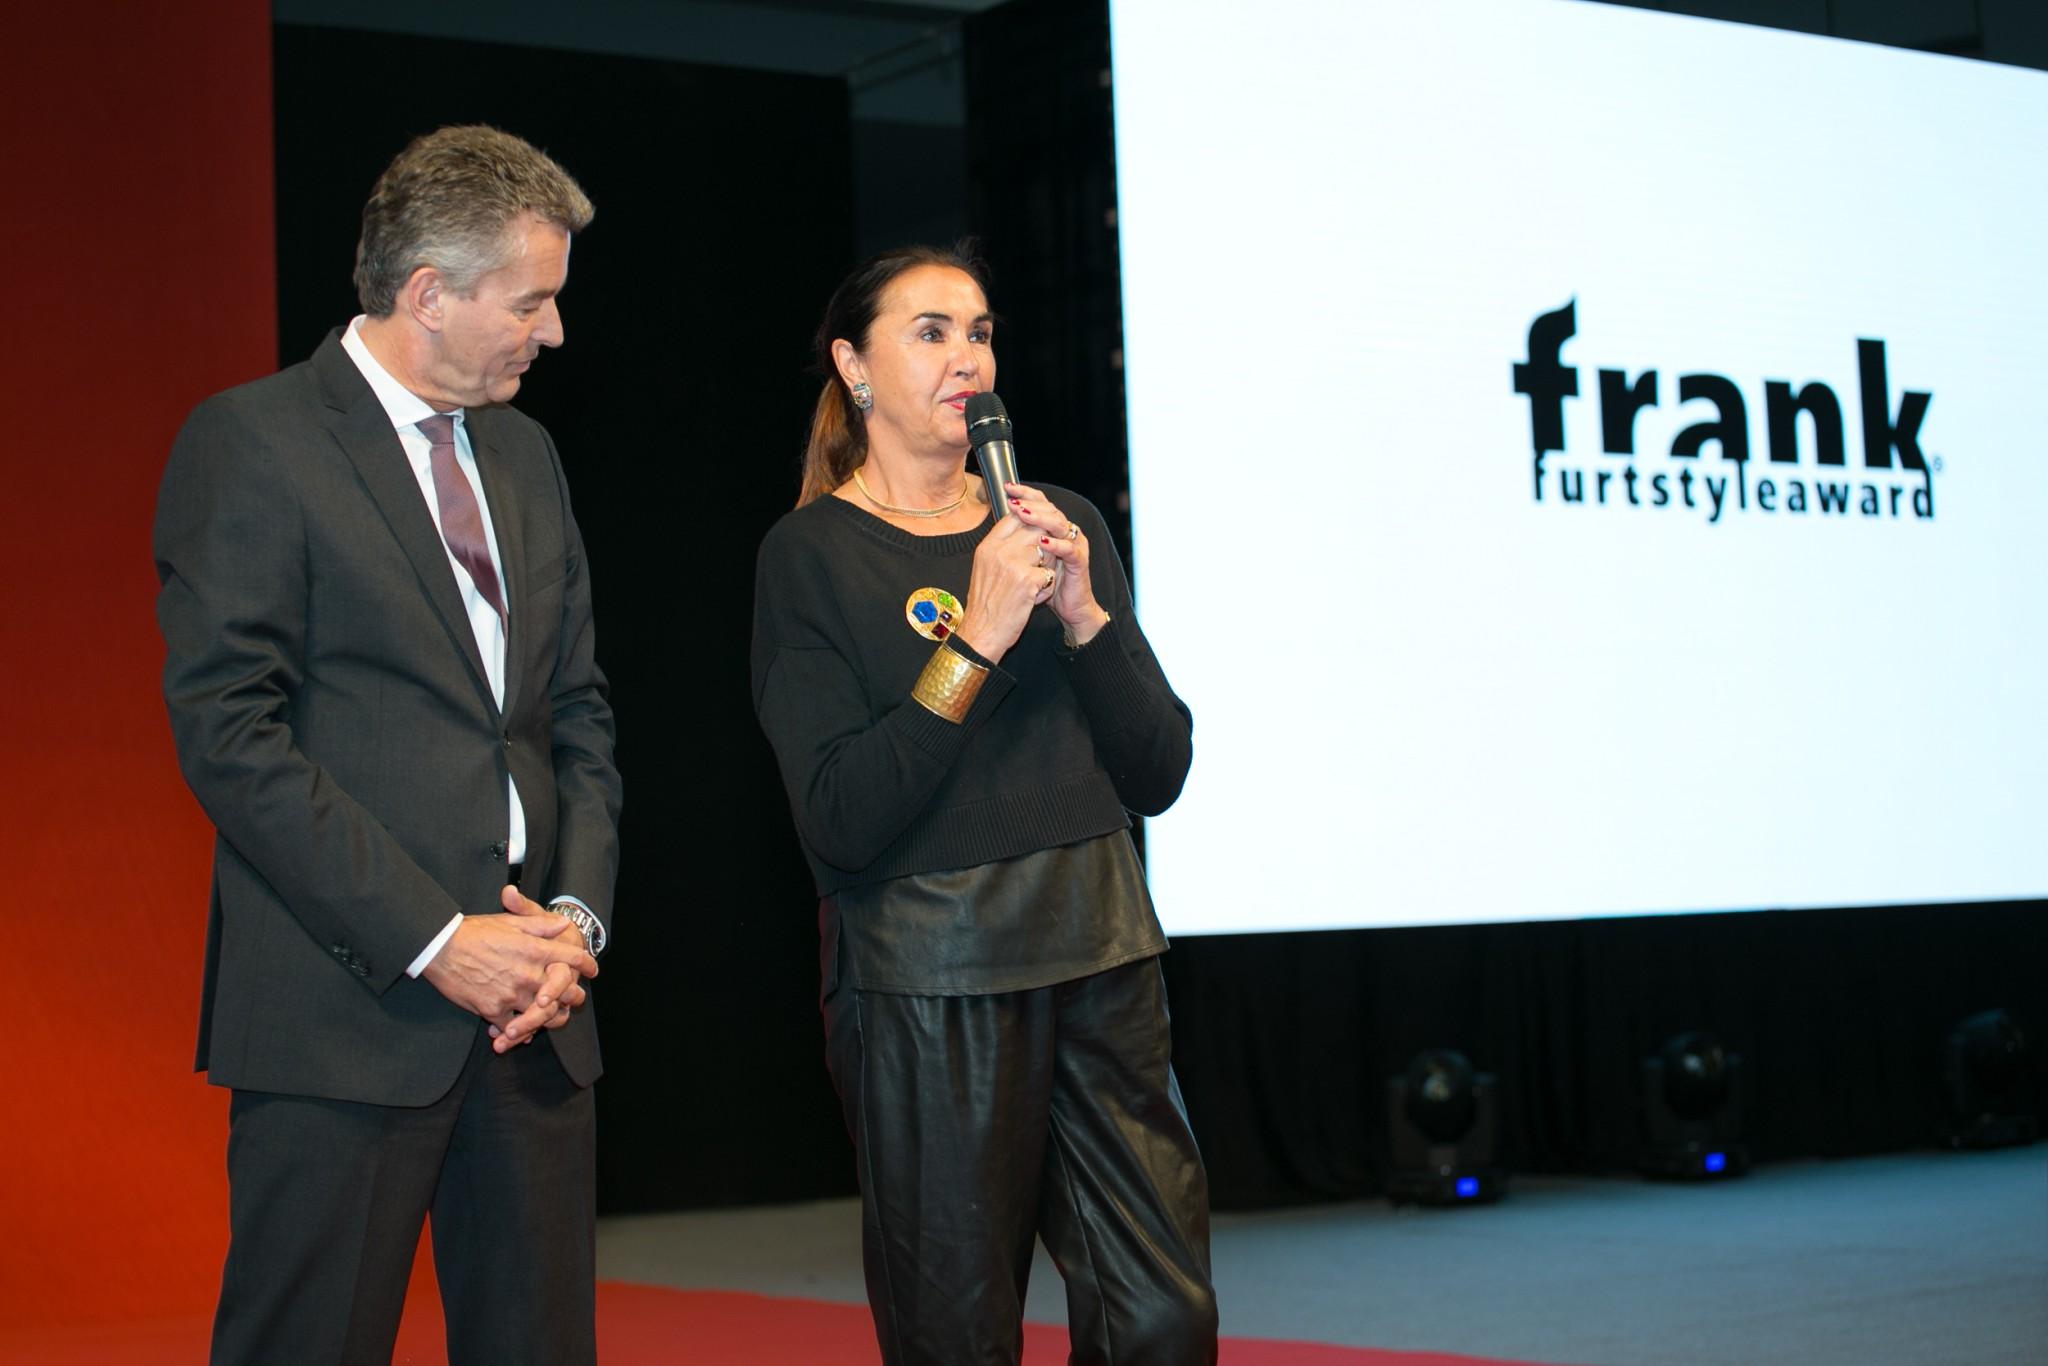 Hannemie Stitz-Krämer and Detlef Braun